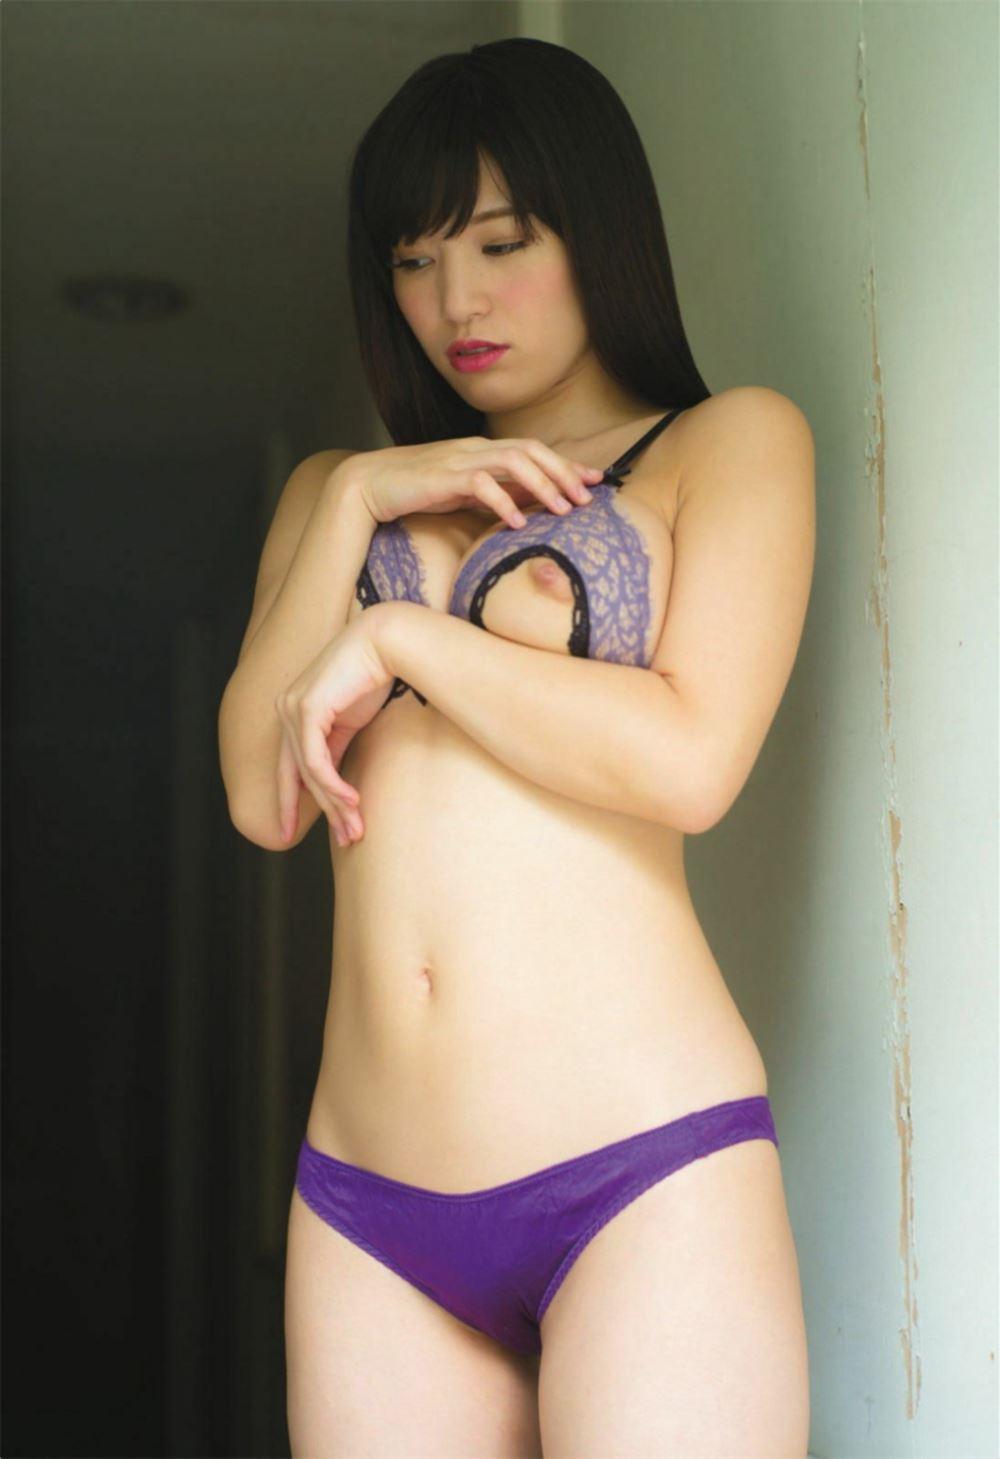 高橋しょう子 高崎聖子 ヘアヌード セックス 画像 30